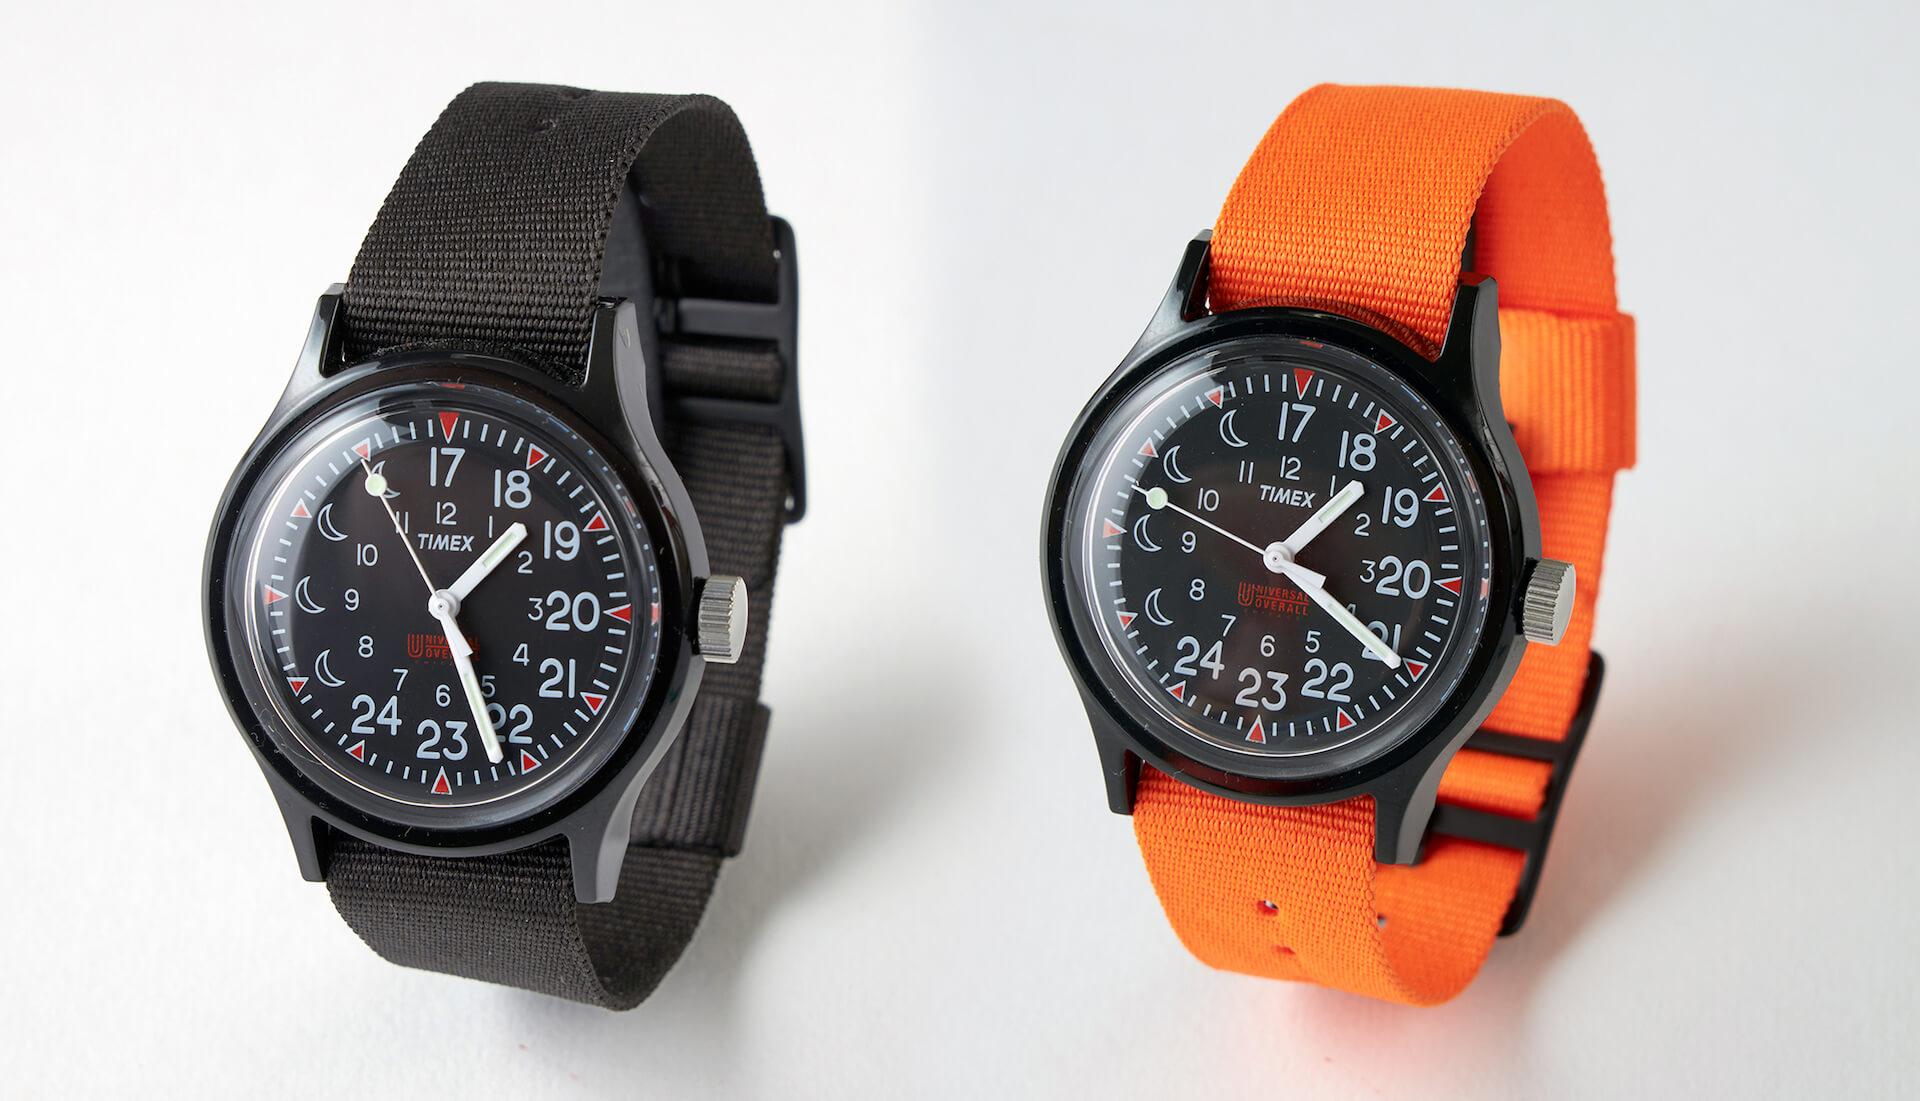 TIMEXとワークウェアブランドUNIVERSAL OVERALLがコラボ!17時が真上に配置された別注のリミテッドモデルが3月発売決定 life210212_timex_uo_4